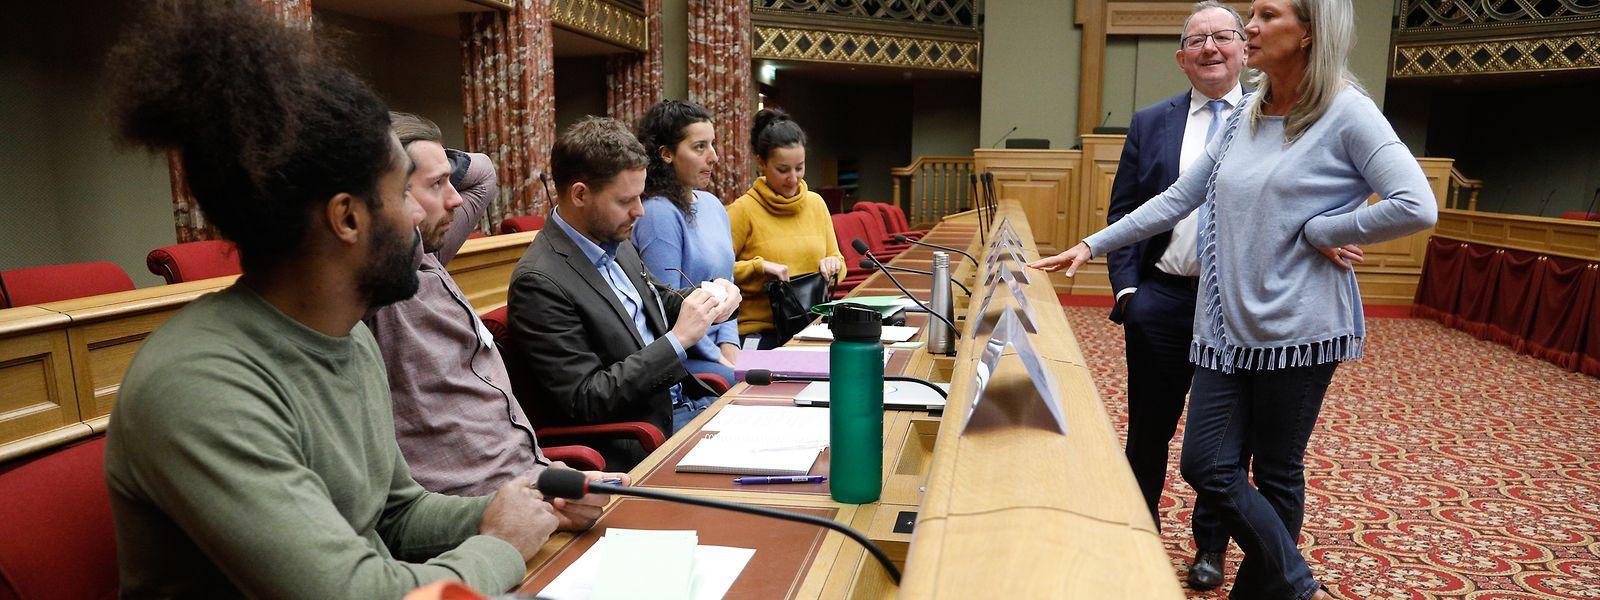 Nancy Arendt (r.) und Chamberpräsident Fernand Etgen (Zweiter v.r.) während der Anhörung der Petitionäre zum Recht auf Leitungswasser in der Gastronomie.